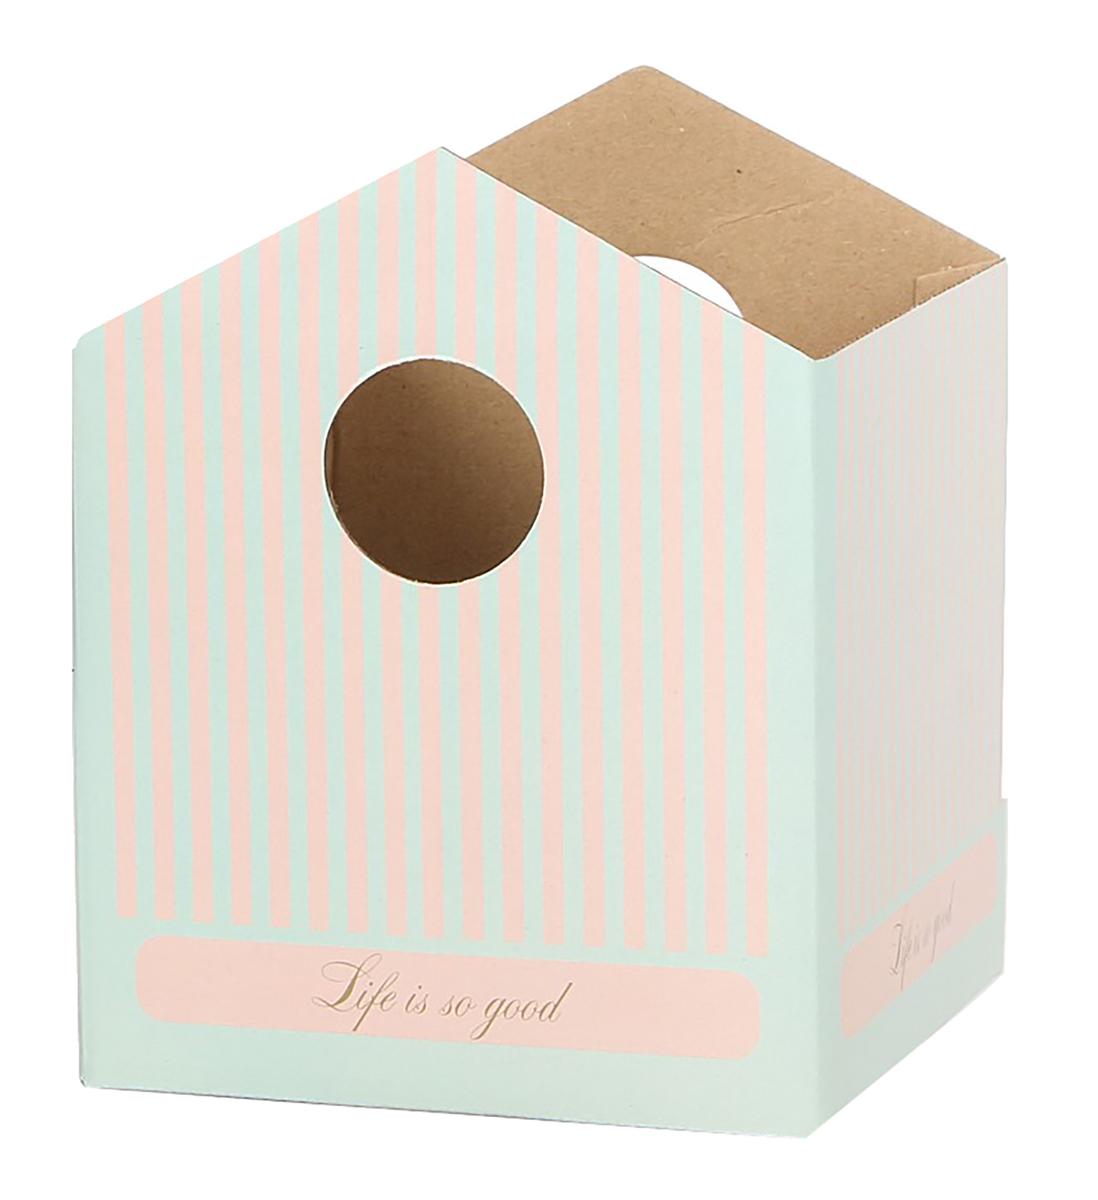 Коробка-домик Дарите Счастье Французский дом, для цветов, складная, 15 х 19 см2965236Любой подарок начинается с упаковки. Что может быть трогательнее и волшебнее, чем ритуал разворачивания полученного презента. И именно оригинальная, со вкусом выбранная упаковка выделит ваш подарок из массы других. Она продемонстрирует самые теплые чувства к виновнику торжества и создаст сказочную атмосферу праздника.